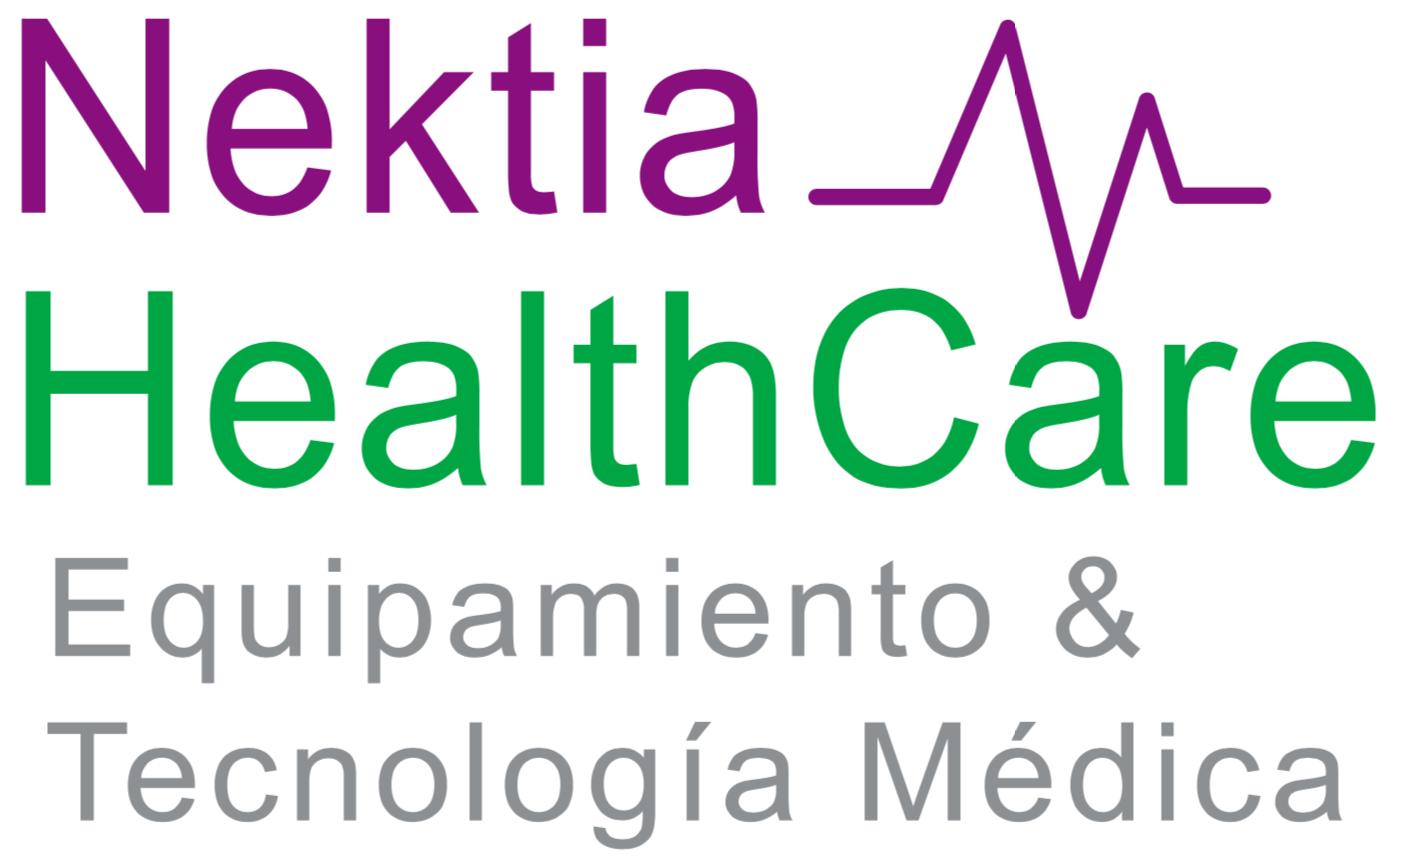 Nektia Healthcare